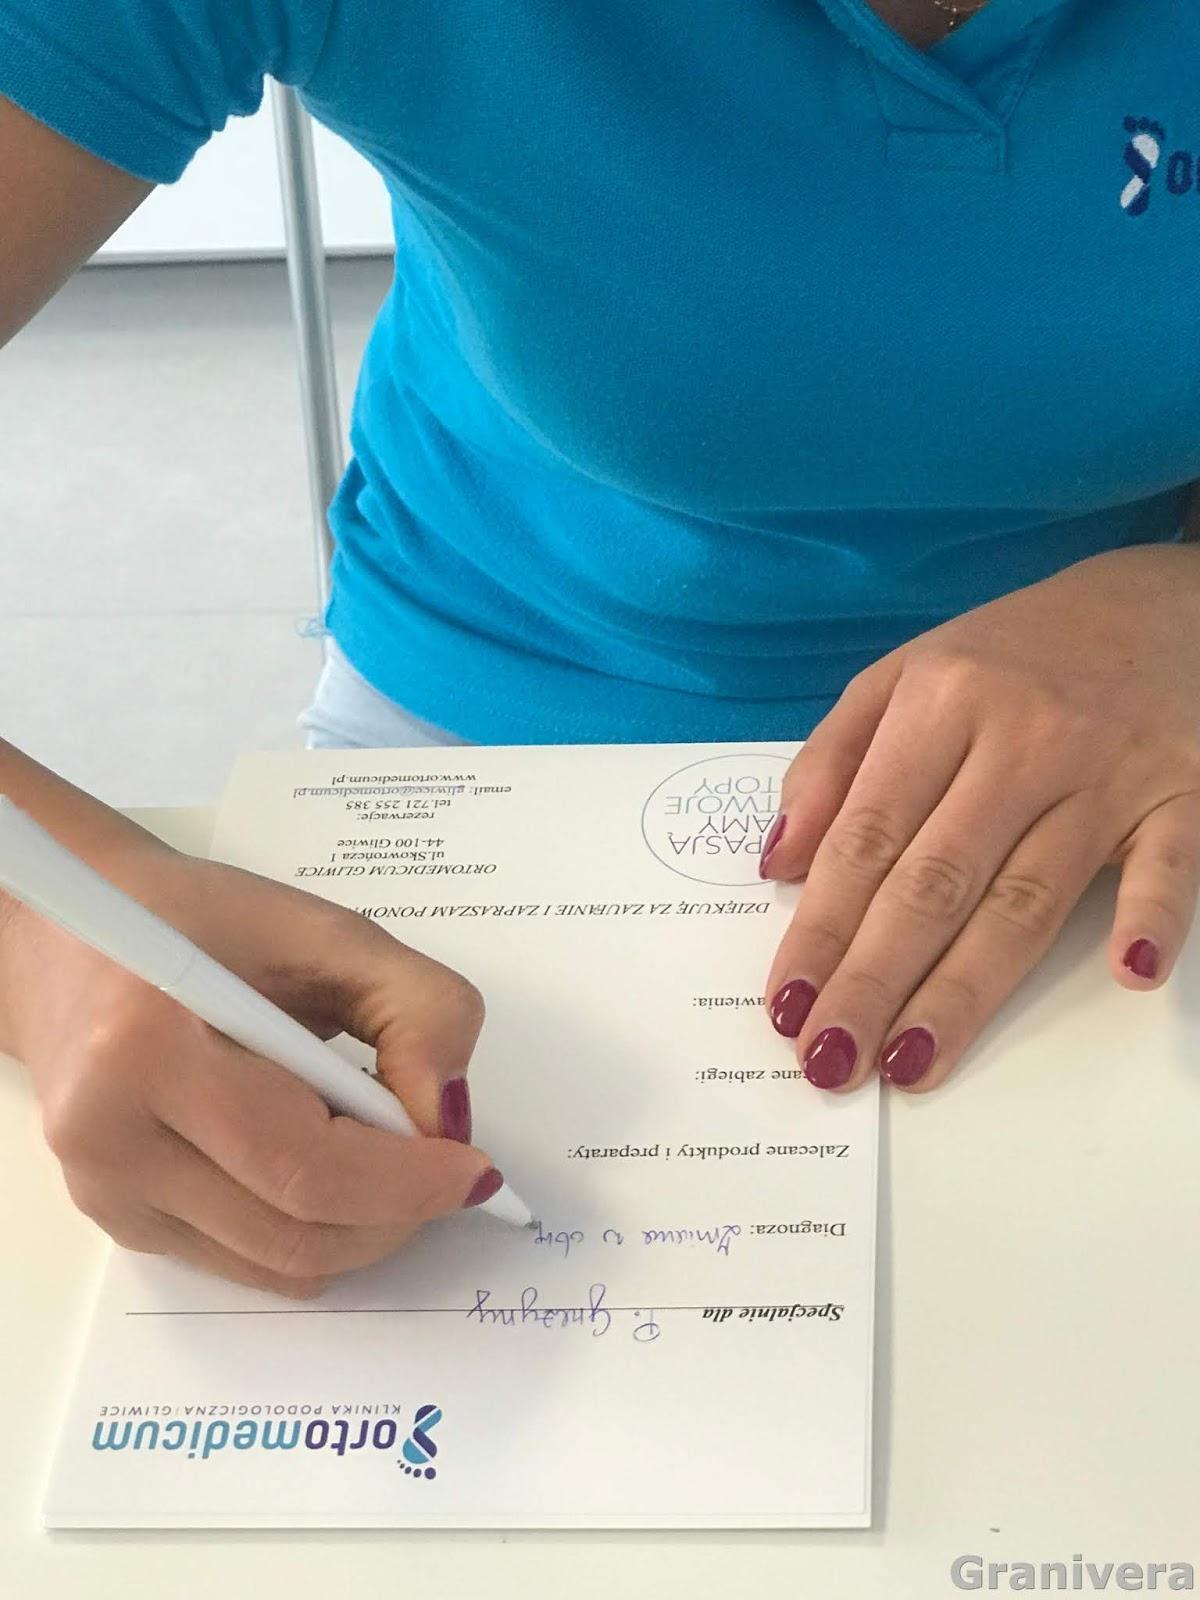 b9eaf73b1e20e Na koniec wizyty otrzymałam szczegółowe zalecenia spisane na kartce. Jak  mam dbać o paznokcie i stopy. Zwłaszcza bardzo ważny jest masaż paznokcia  prawej ...